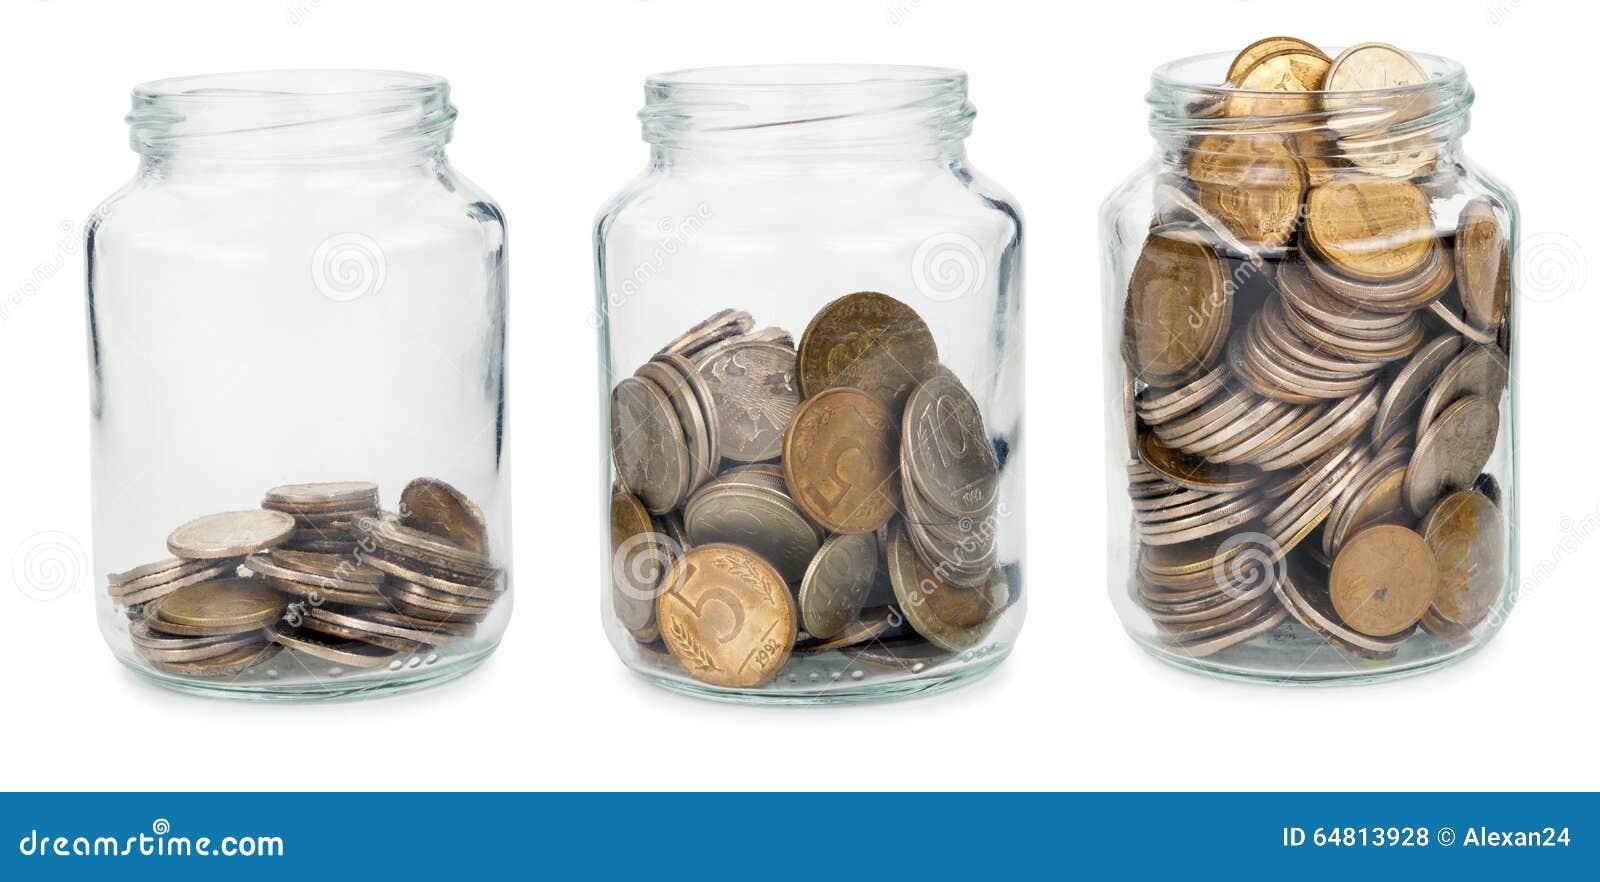 Frascos de vidro com moedas